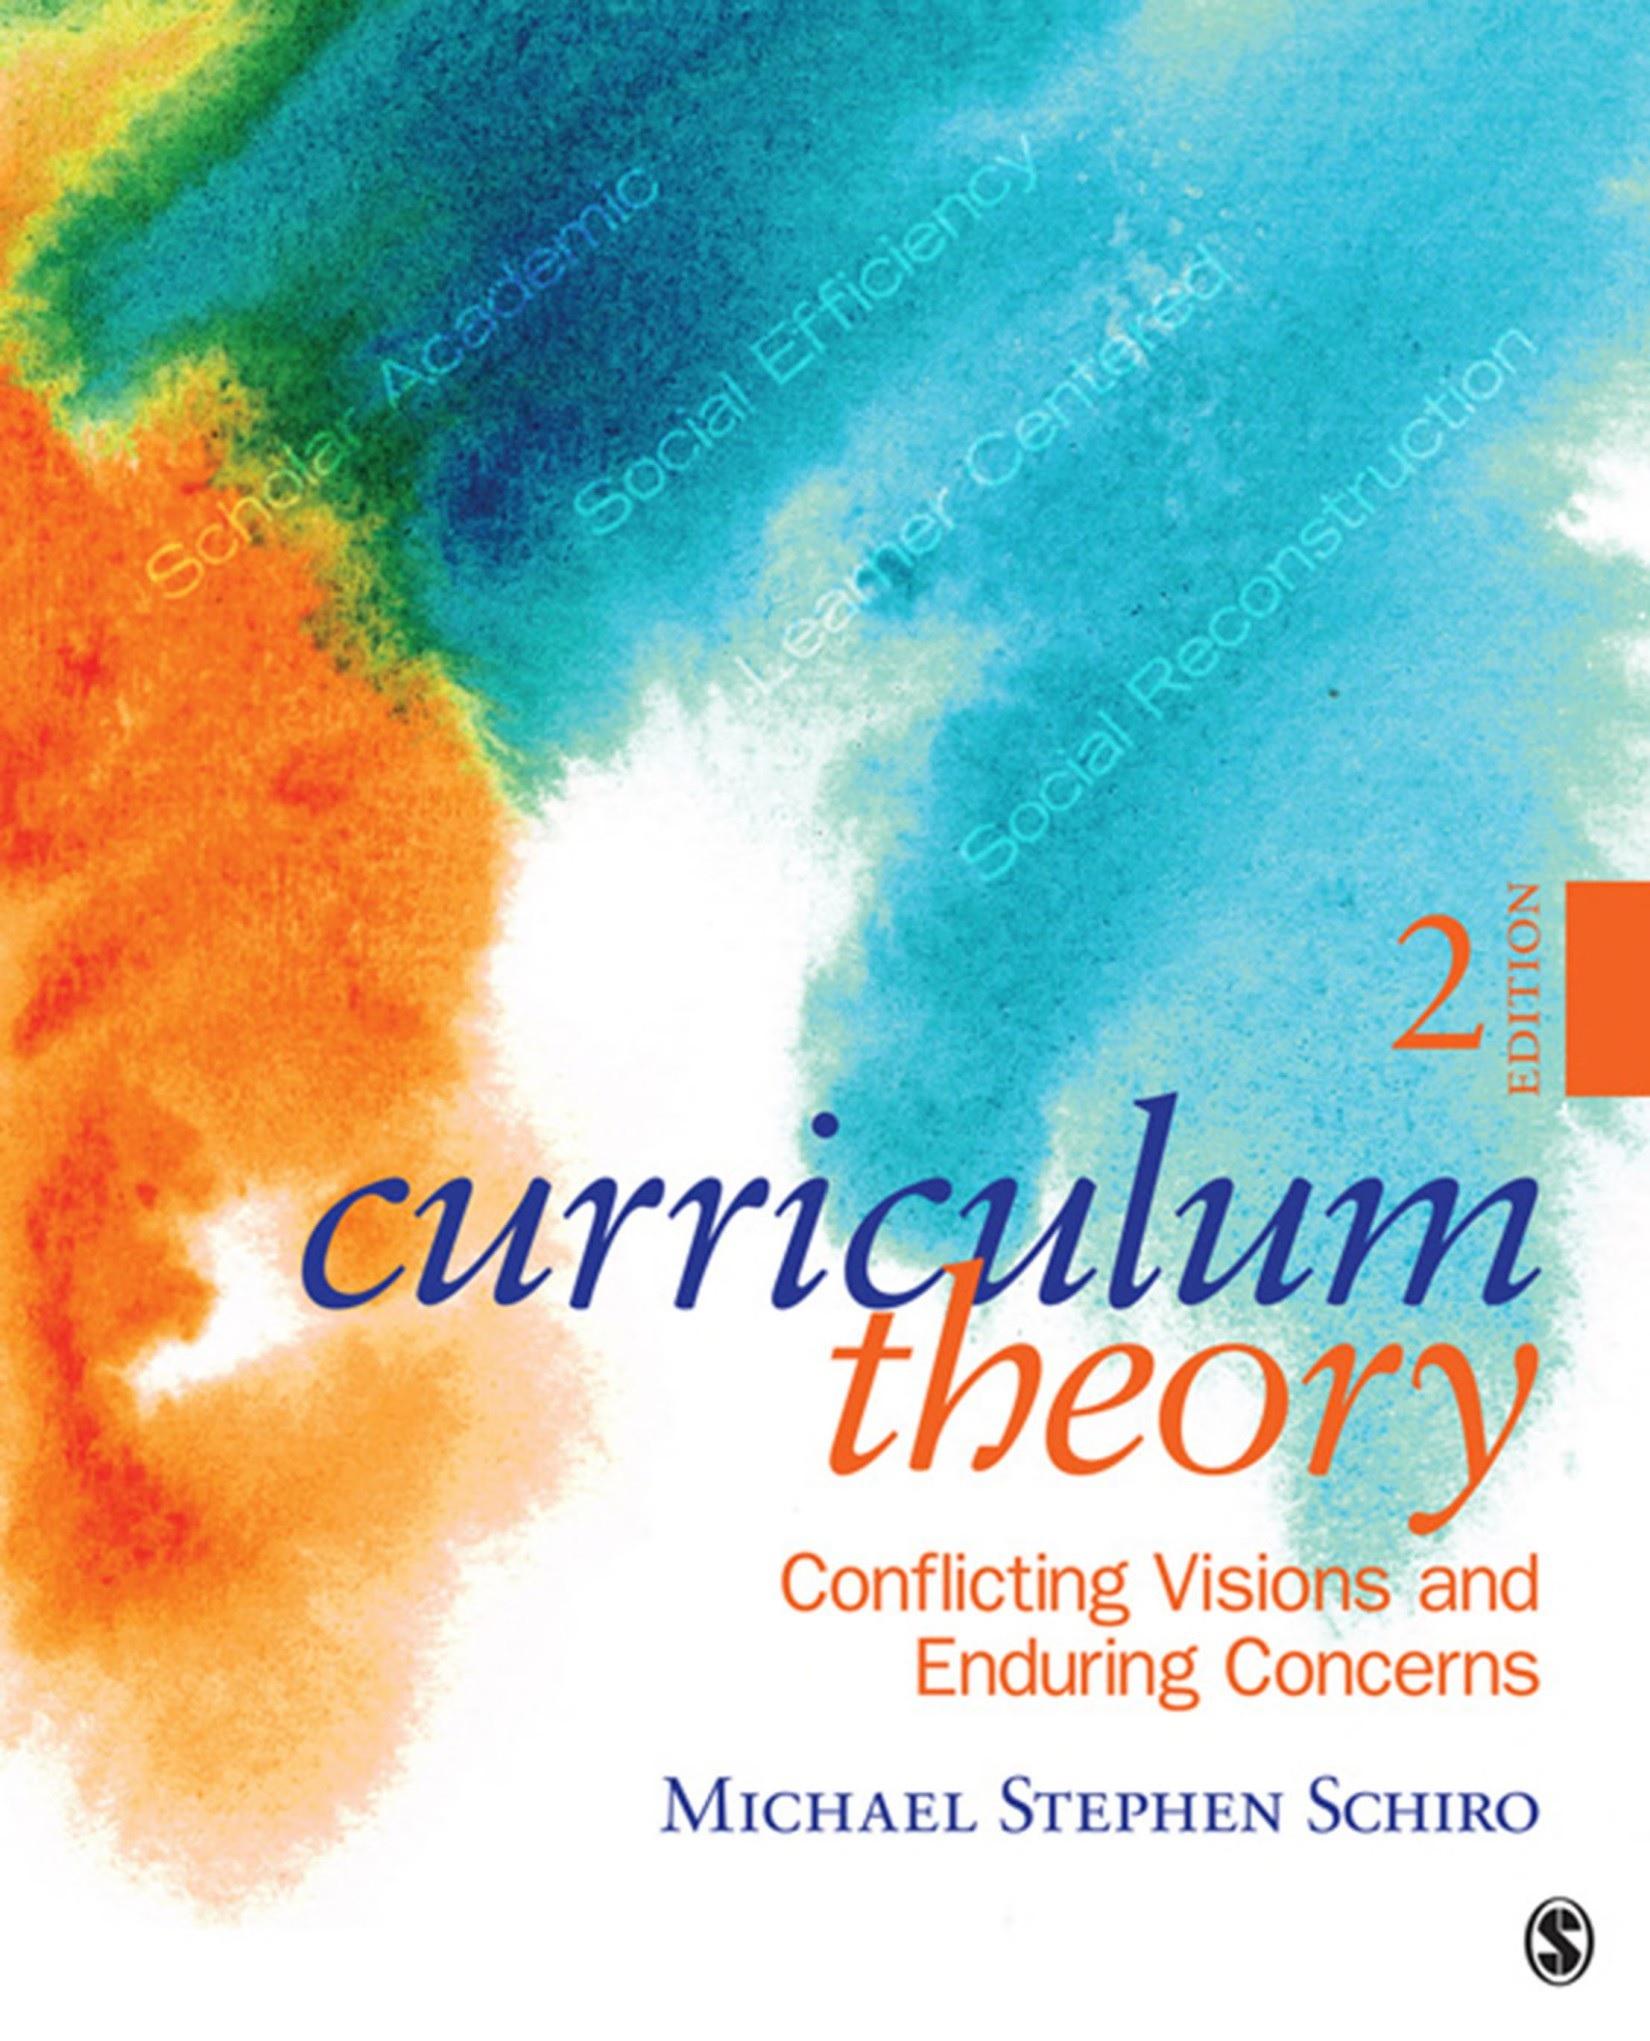 نظریه های برنامه درسی (اسکایرو، ۲۰۱۳)